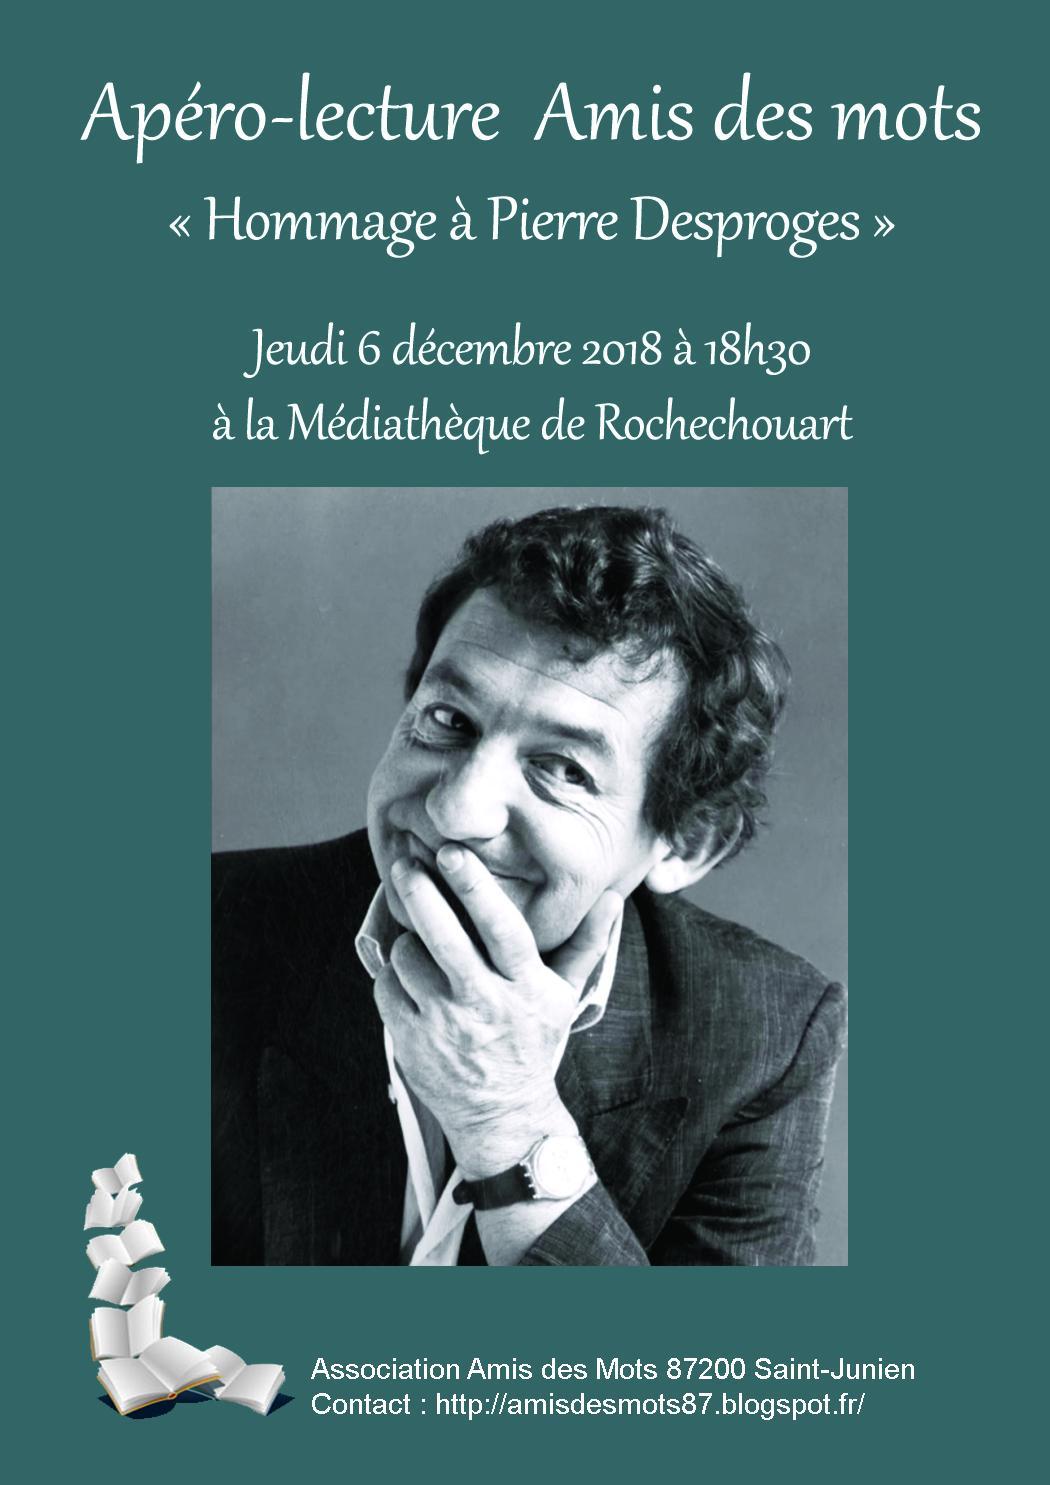 Hommage à Pierre Desproges